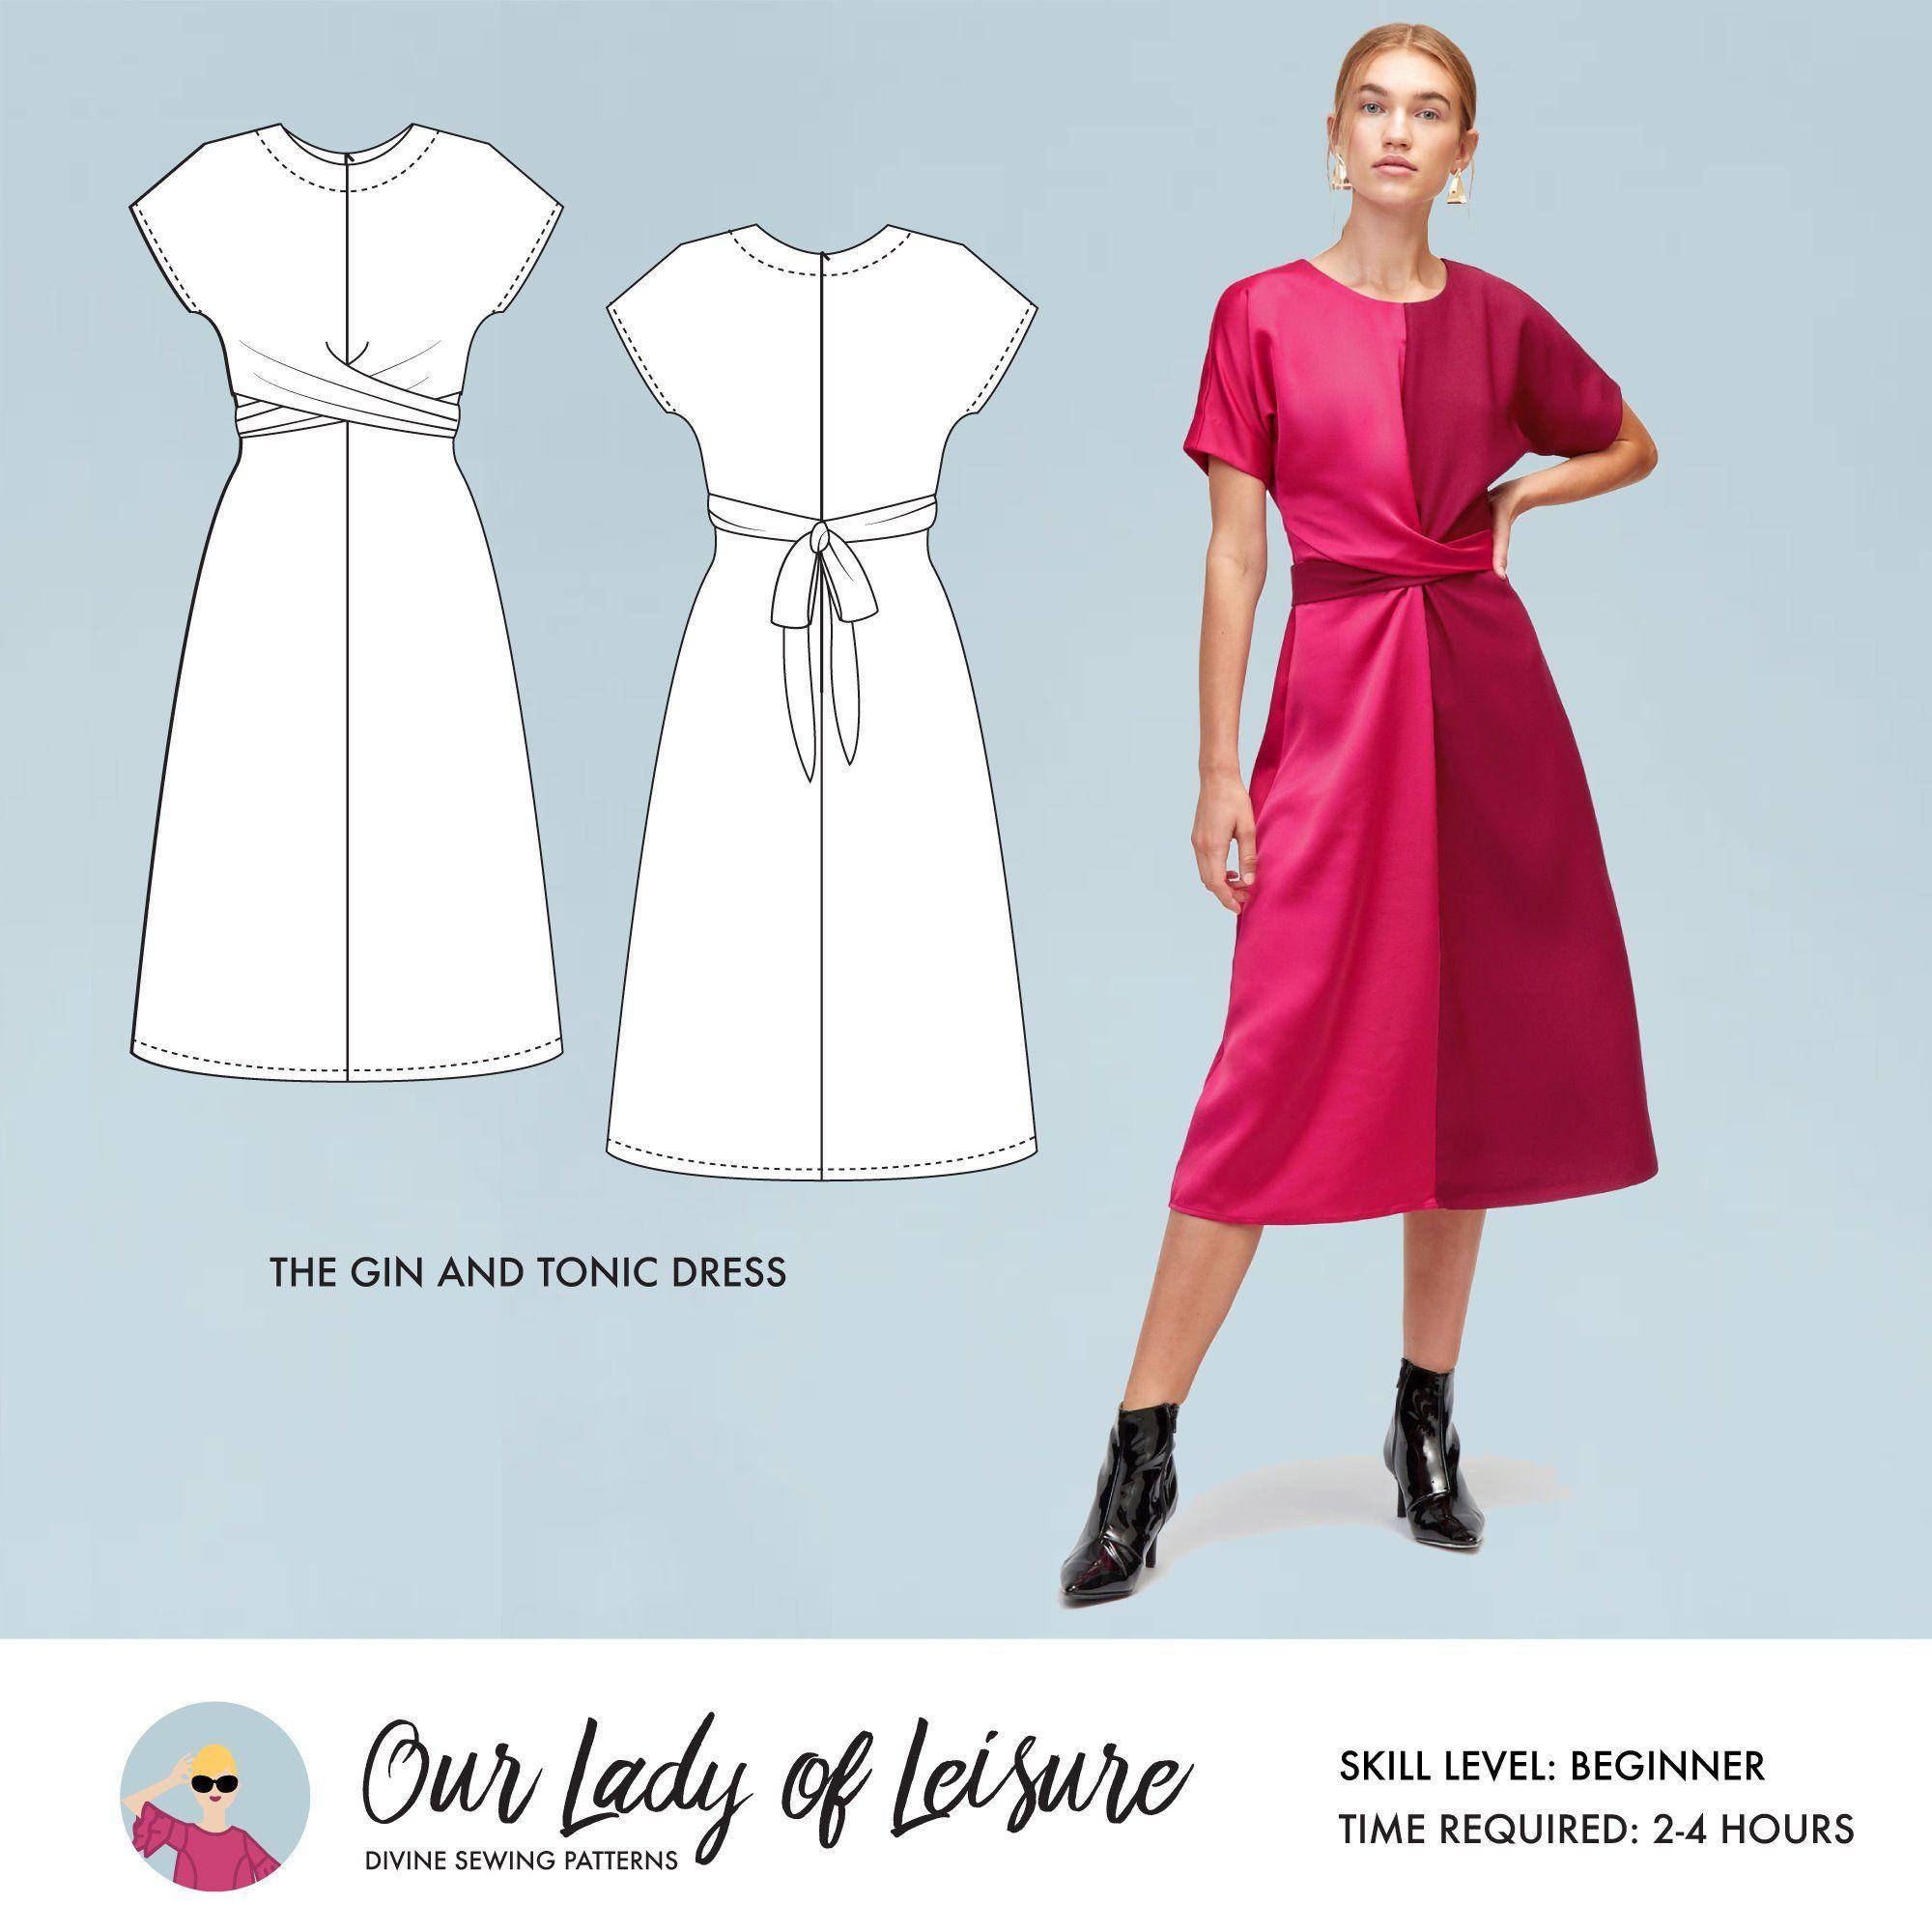 Complete Origami Dress Instructions | Vestido de origami, Cartão ... | 2000x2000